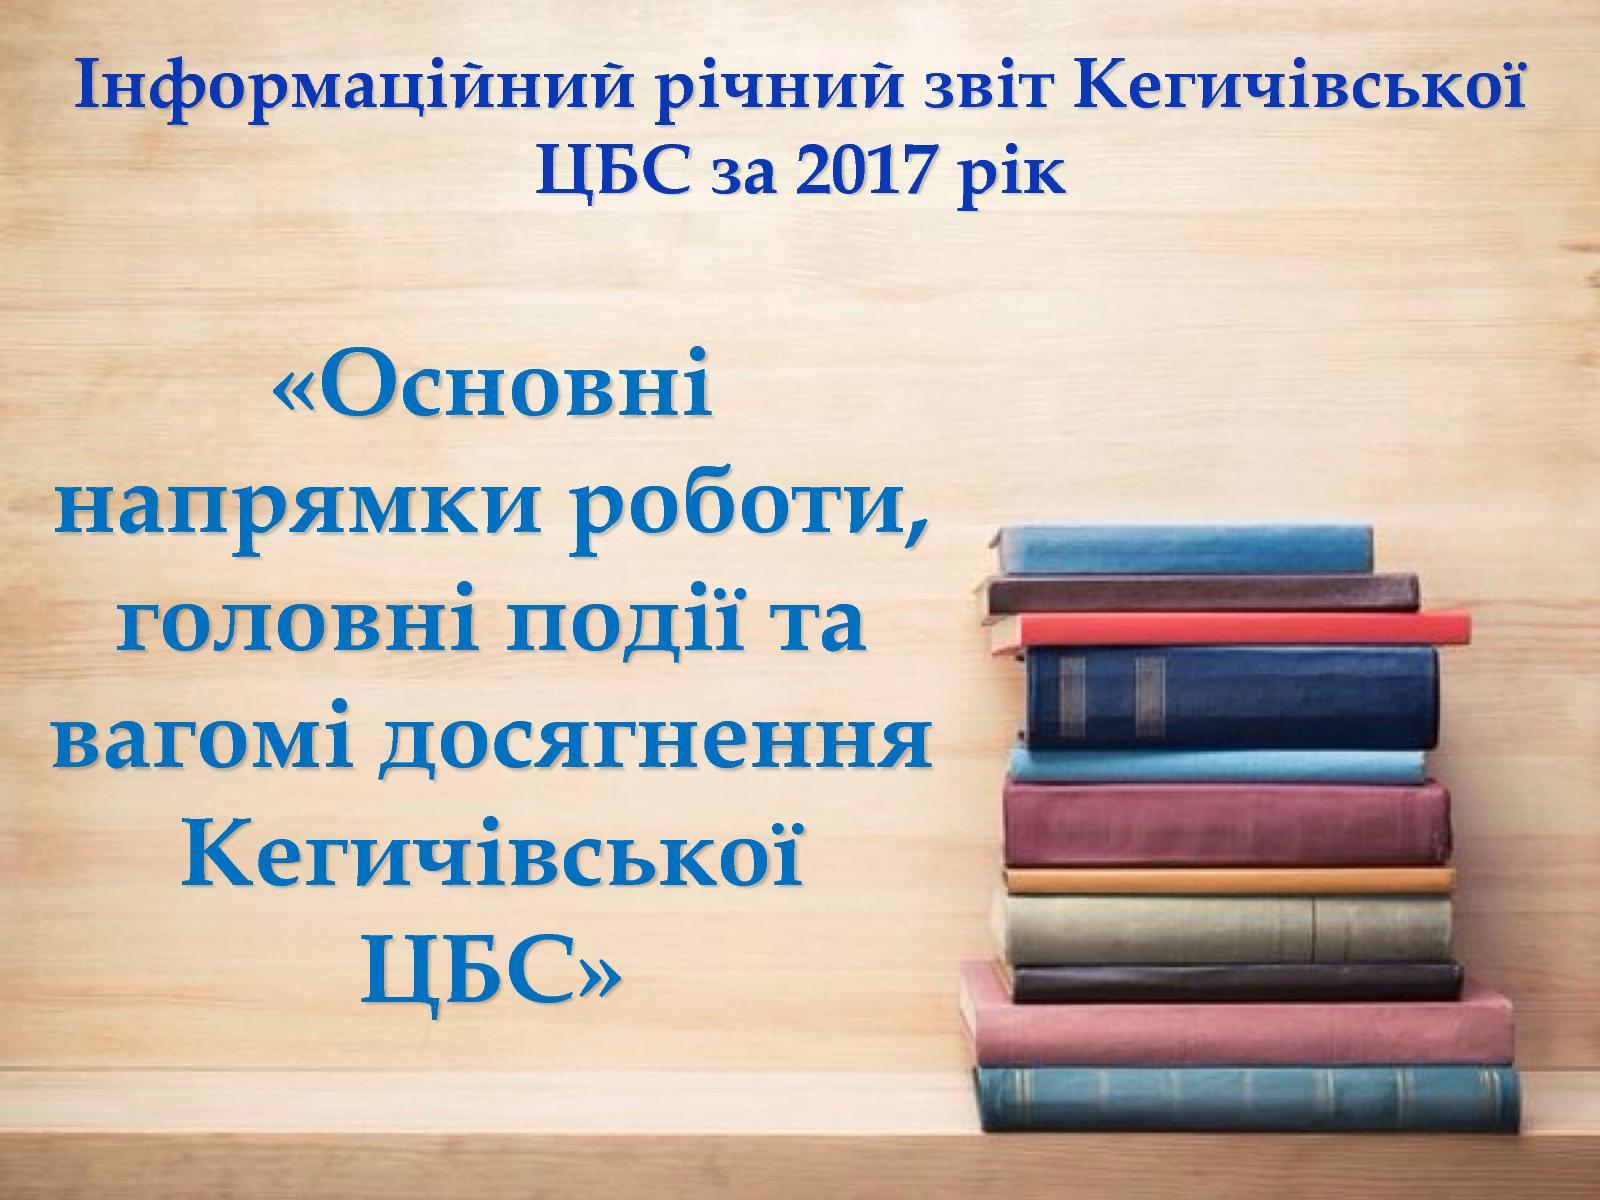 Основні напрямки роботи, головні події та вагомі досягнення Кегичівської ЦБС